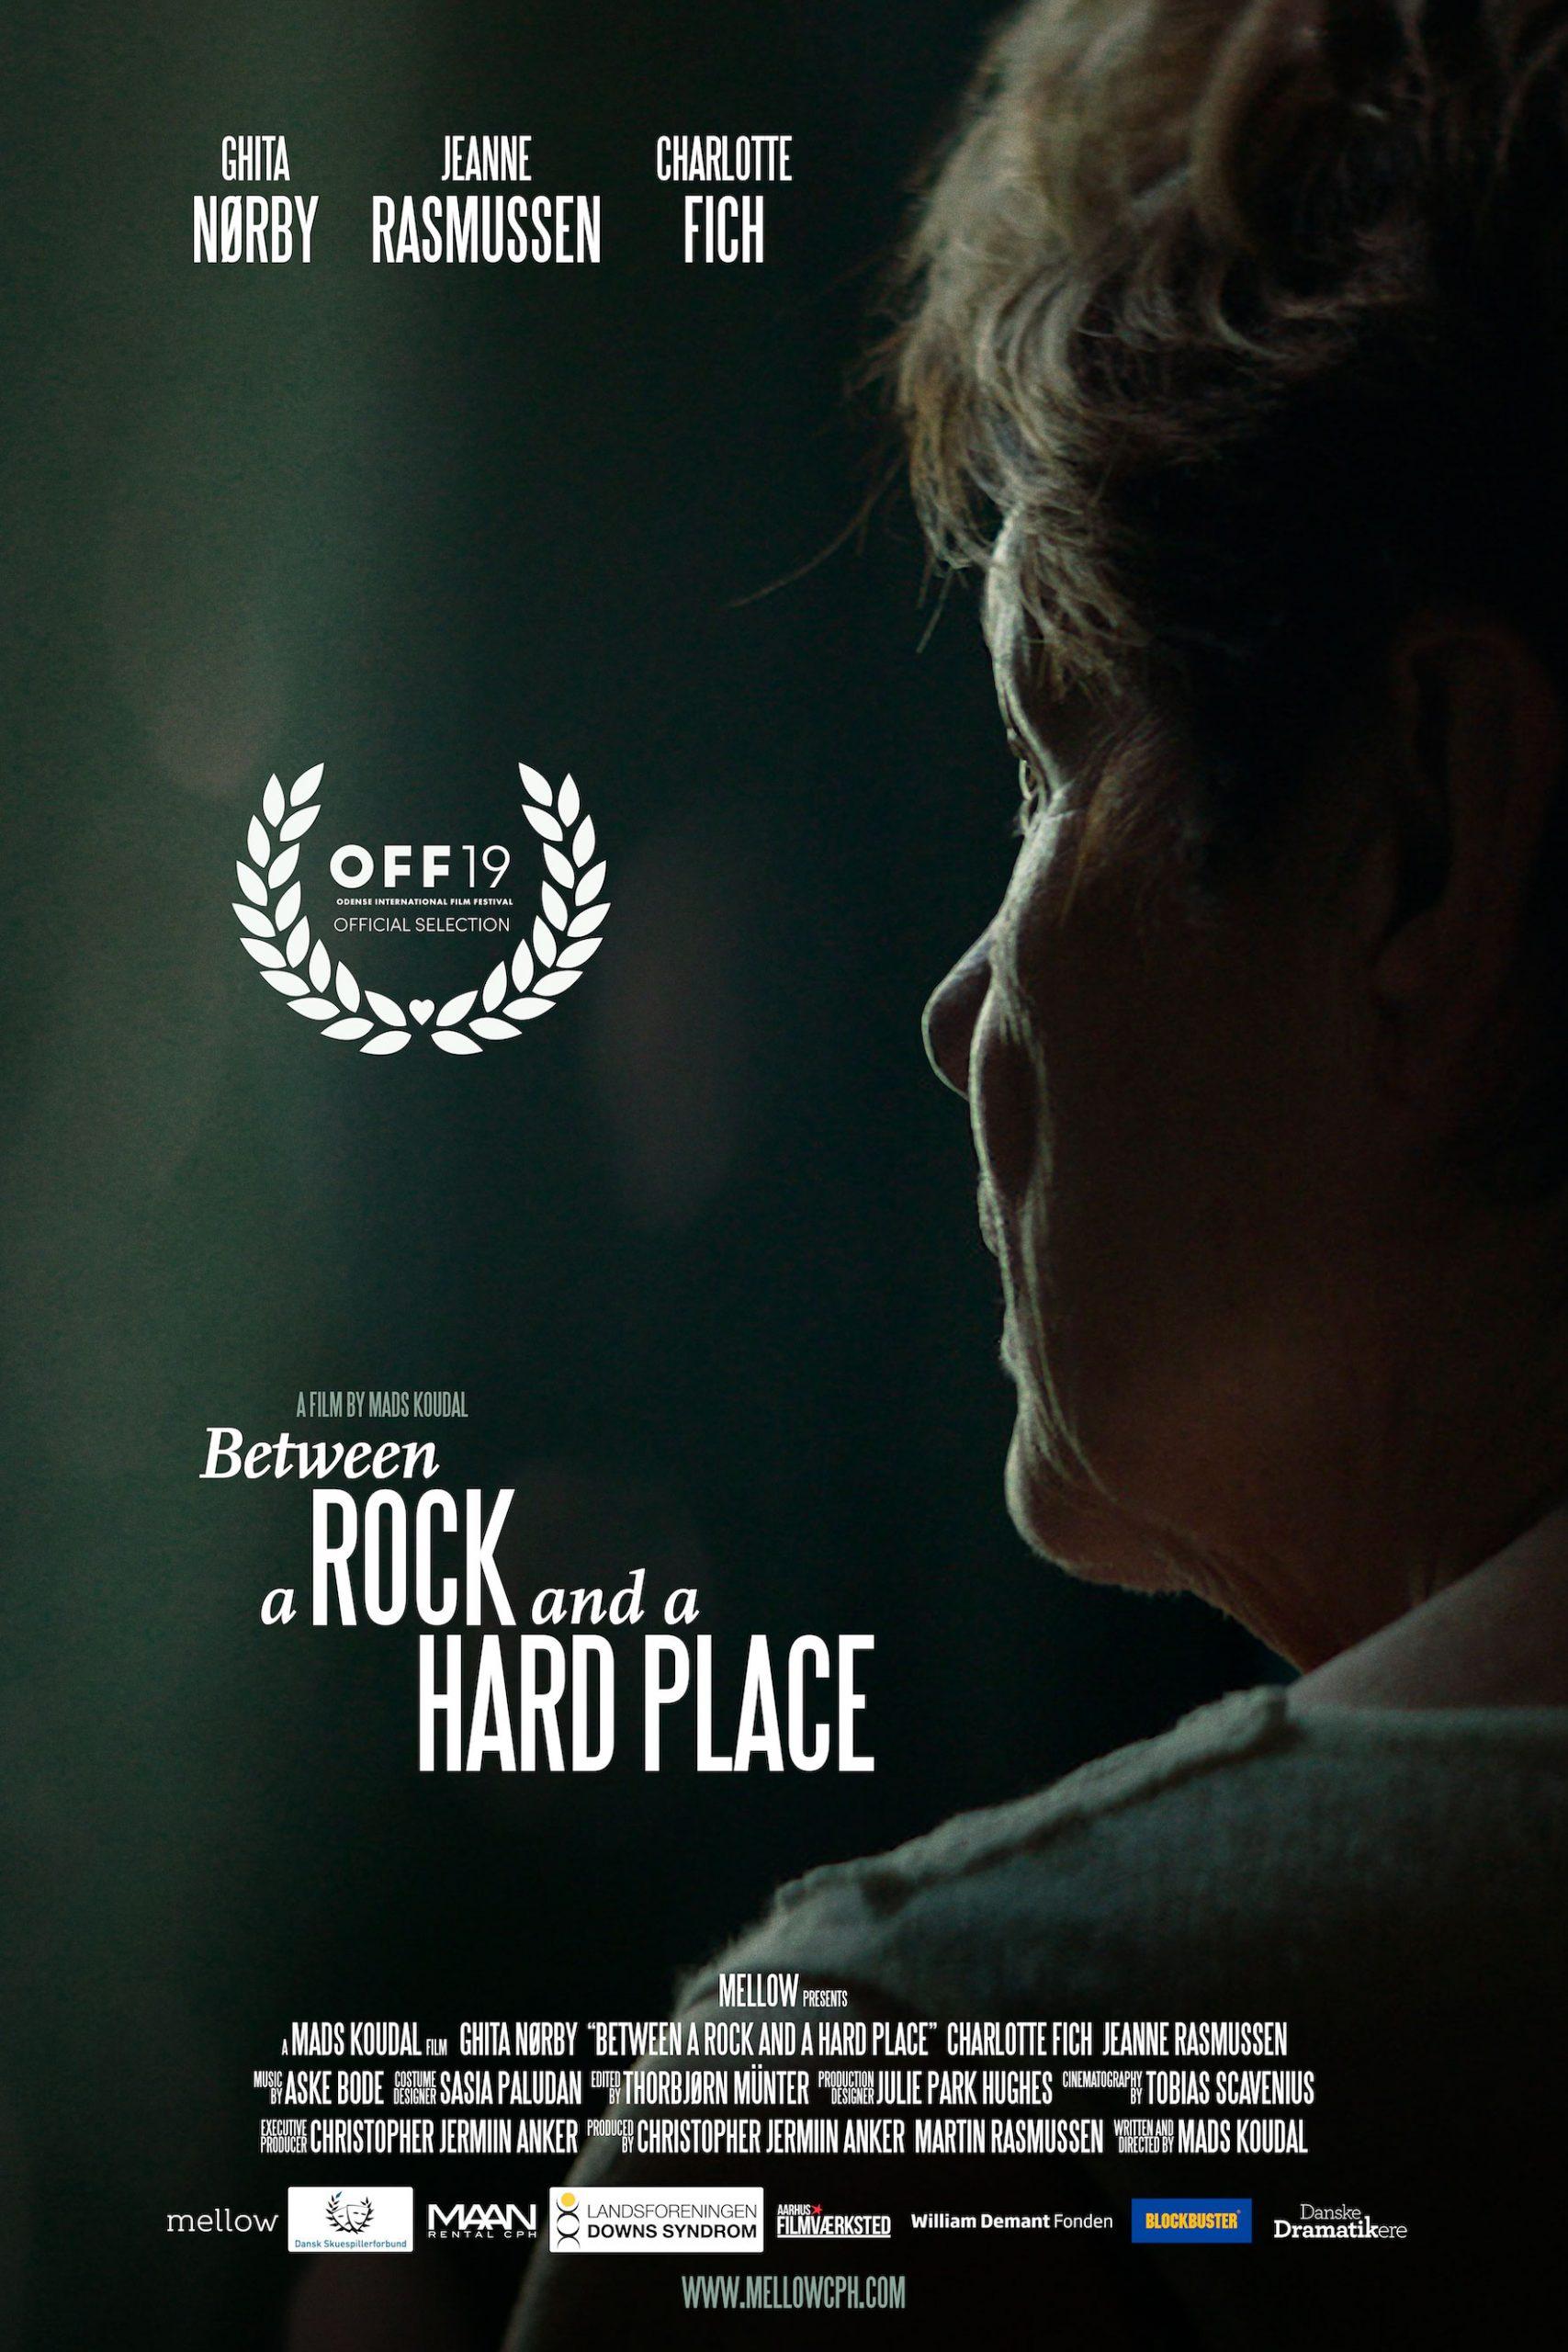 Between a Rock and a Hard Place (Mellem Sten og et Hårdt Sted)